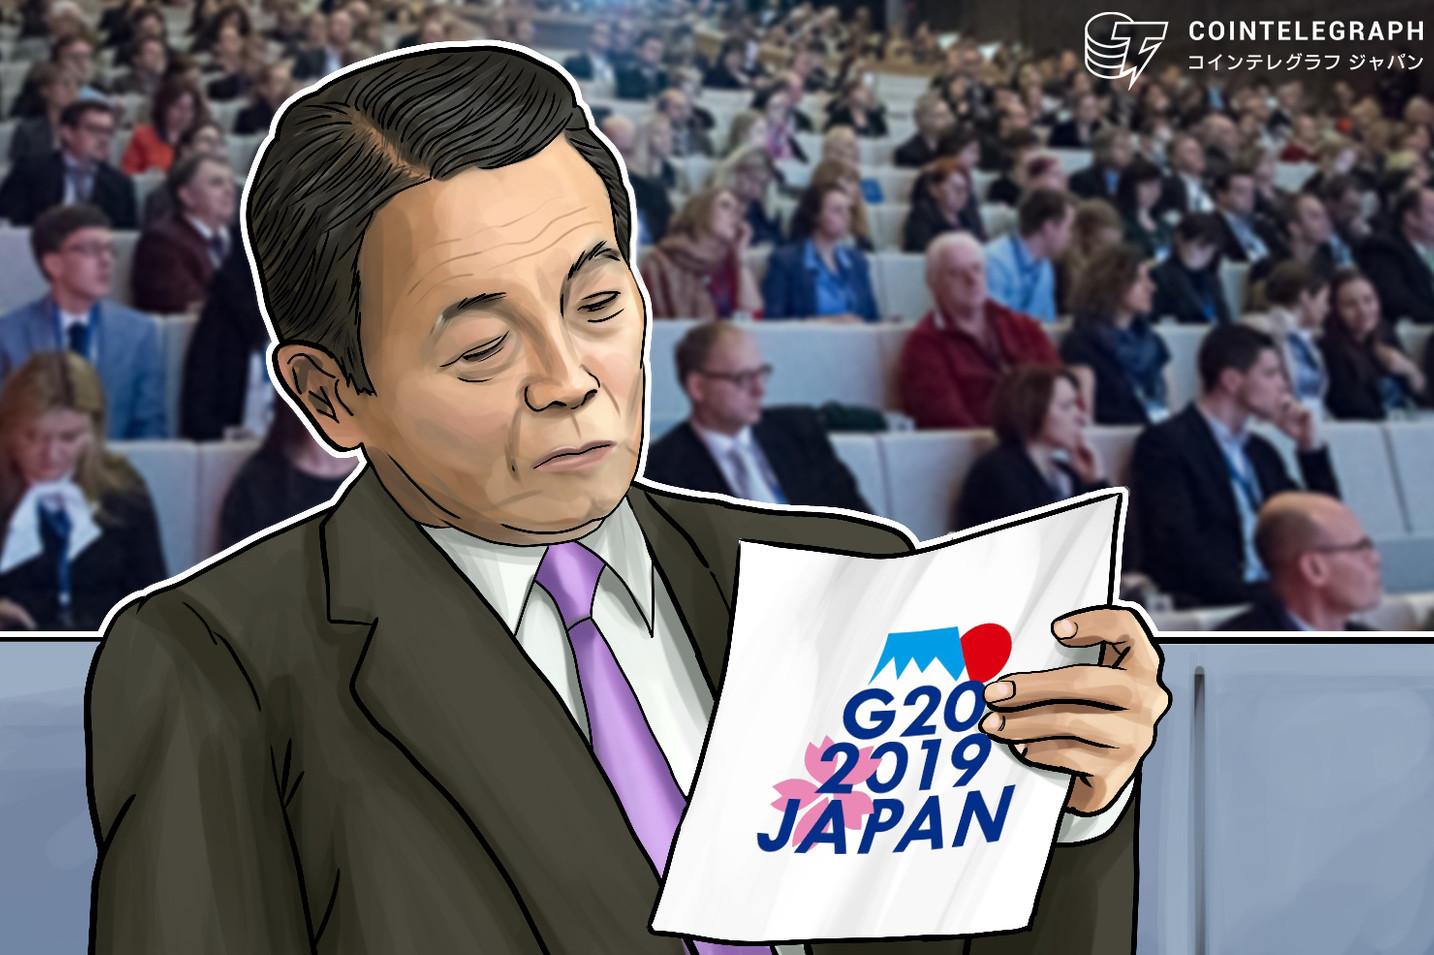 【速報】G20財務相・中銀総裁会議、仮想通貨の総合評価と金融システム安定に対する見方を据え置き